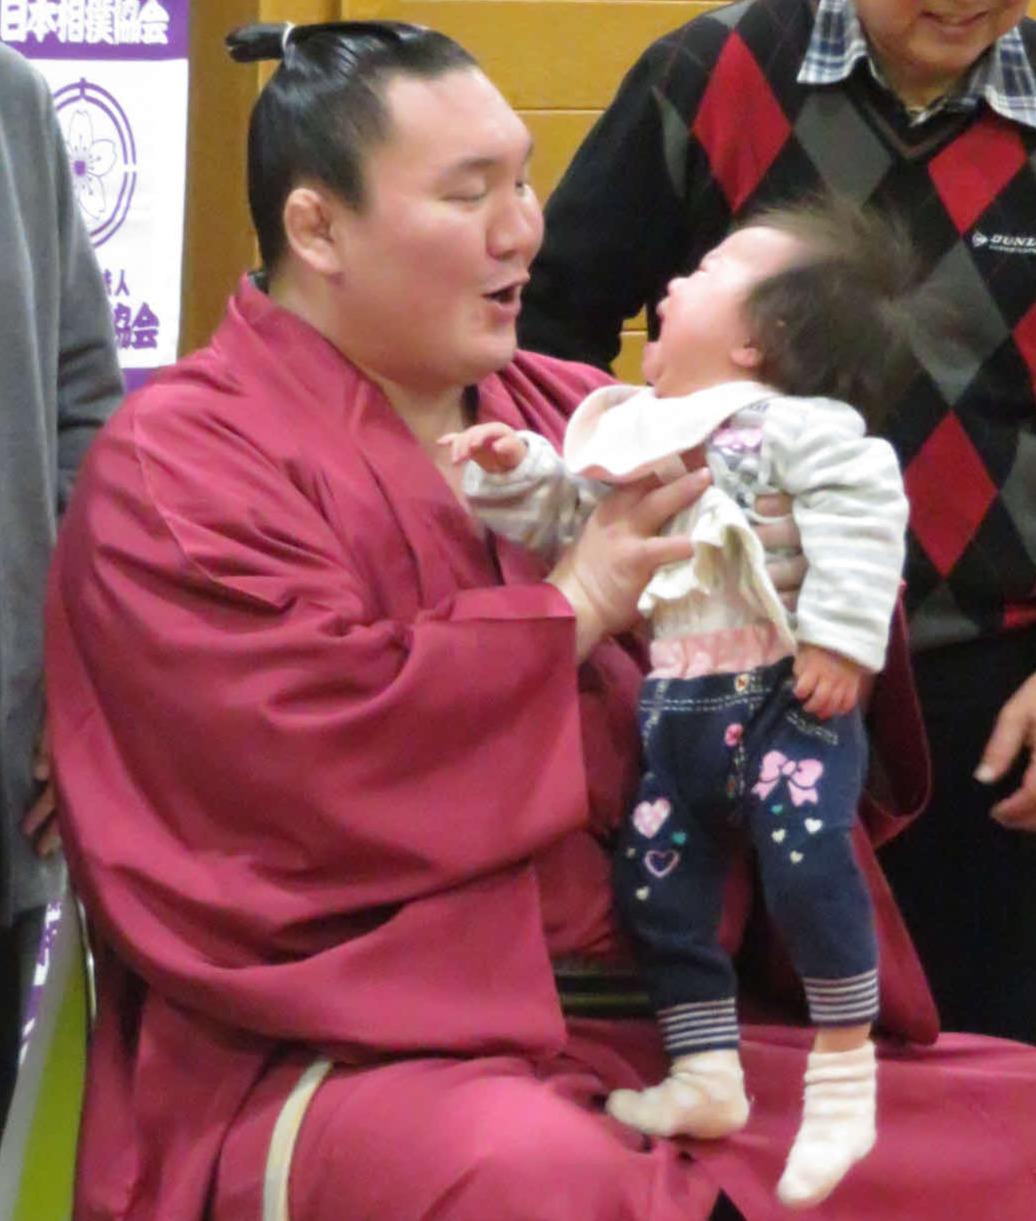 赤ちゃん抱っこ撮影会で、泣き出した子どもをあやす白鵬=2019年2月26日